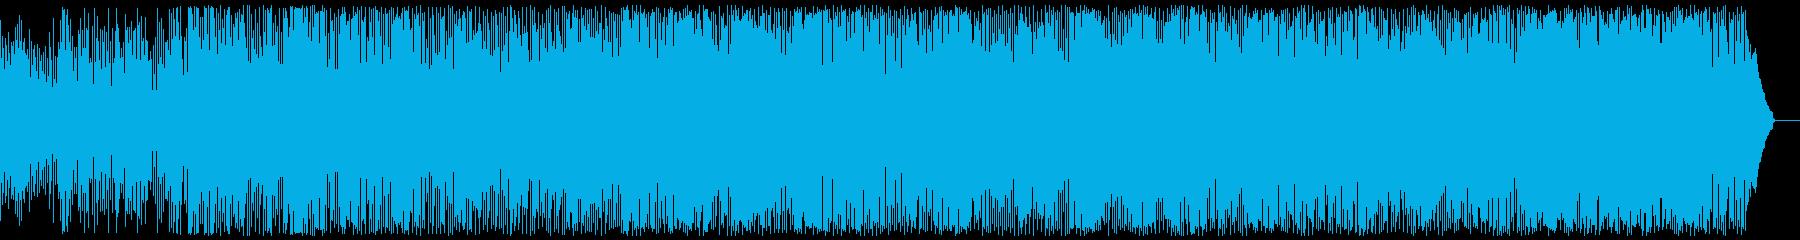 明るく軽快なエレクトロポップの再生済みの波形